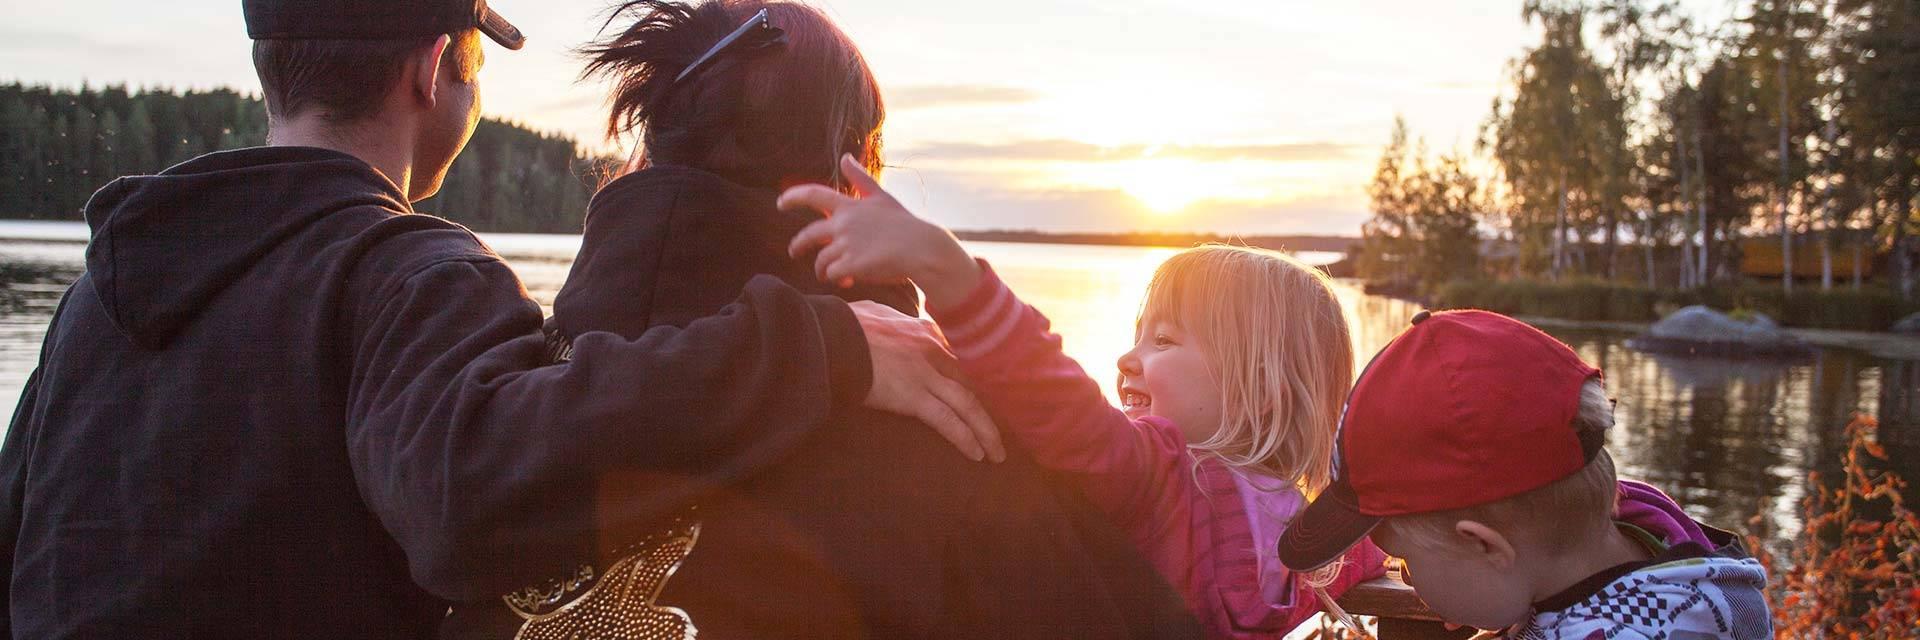 Äiti, isä ja kaksi lasta istuu järven tannalla auringon laskiessa